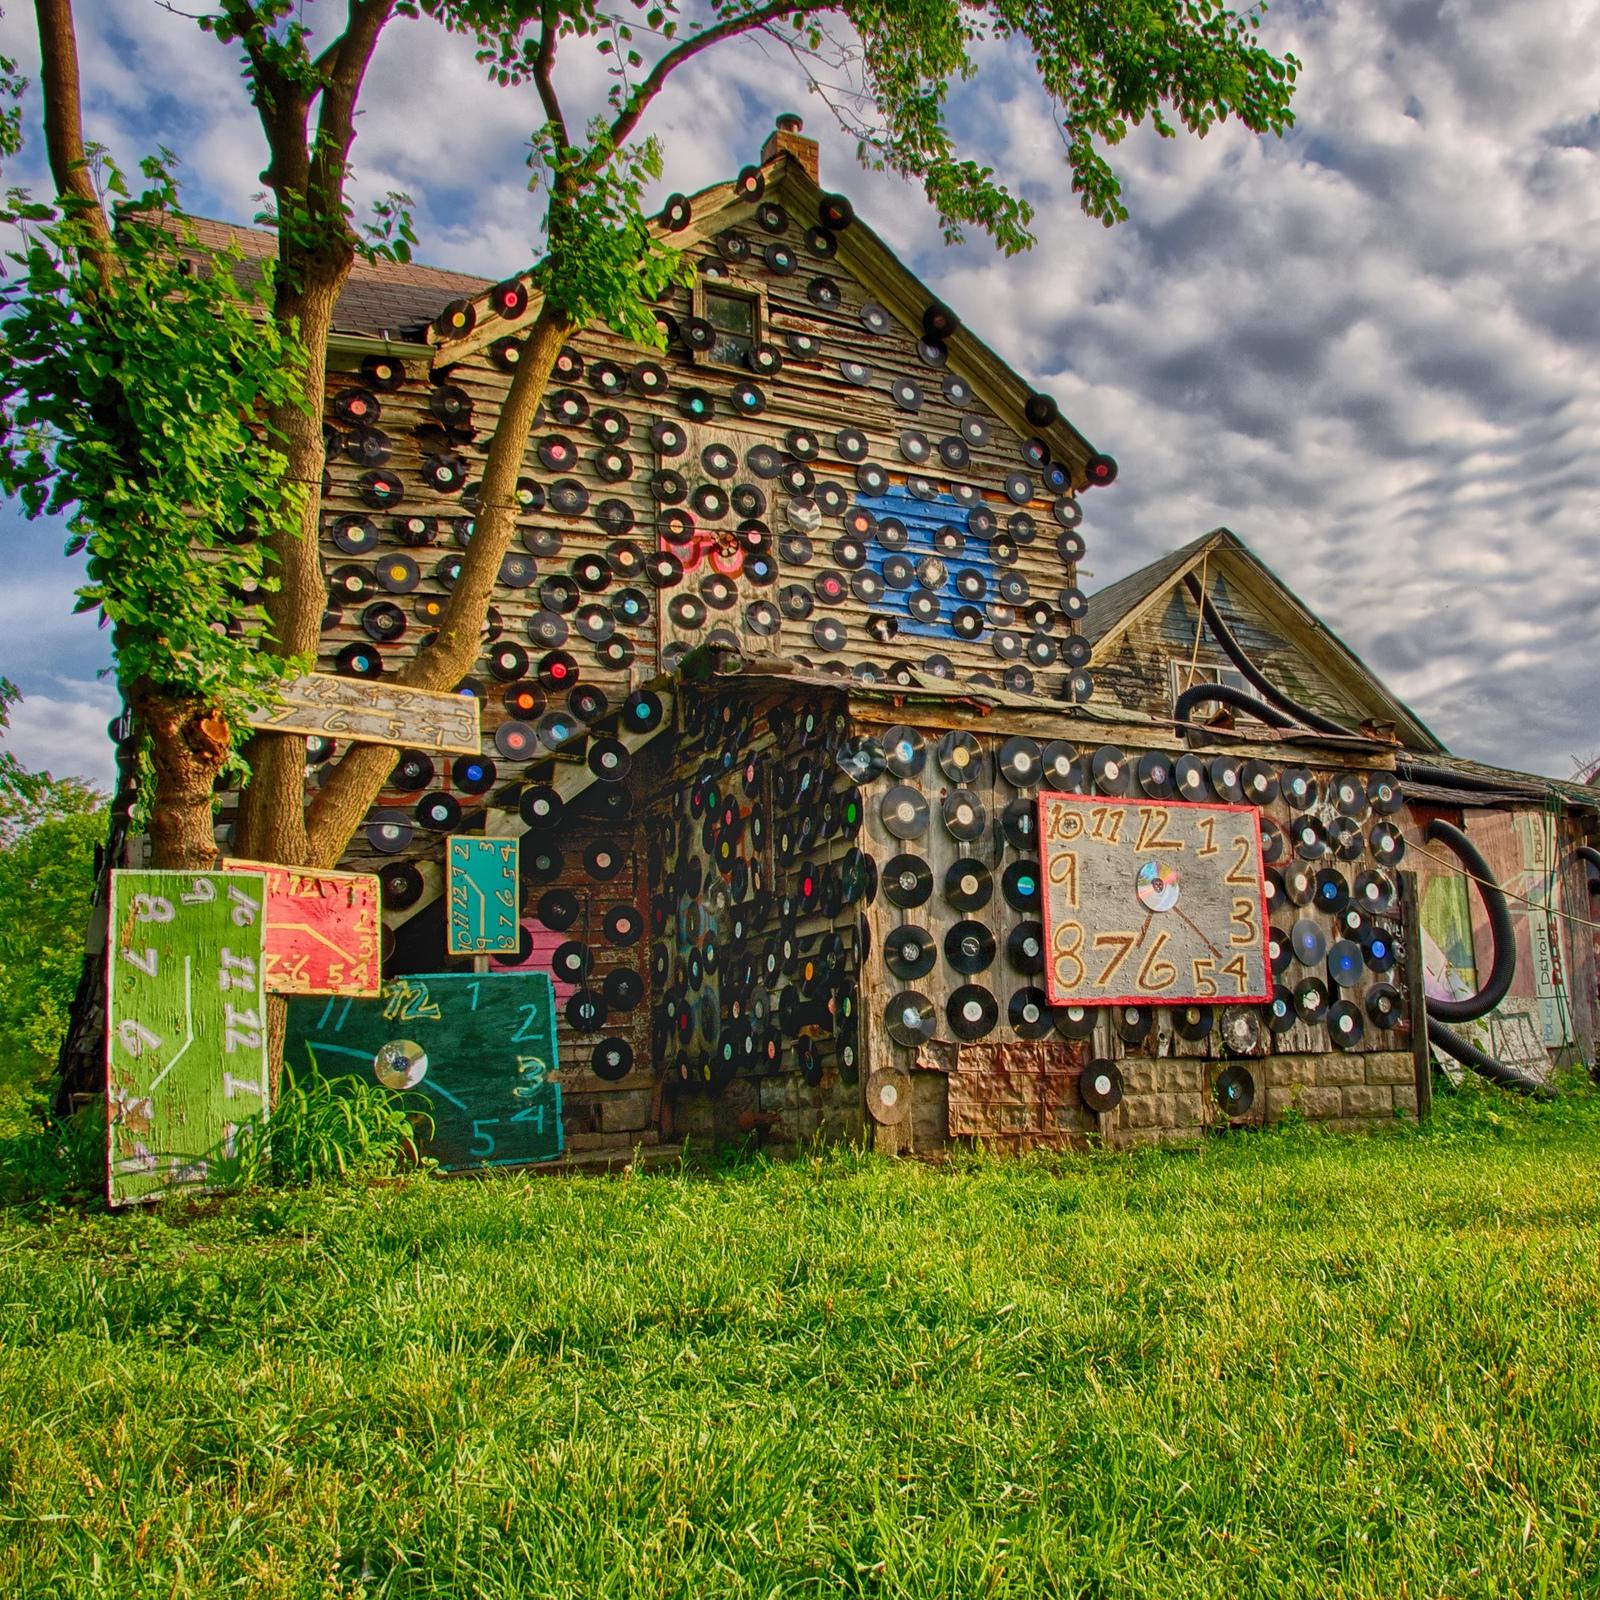 Mike Boening Heidelberg Project-Detroit, MI